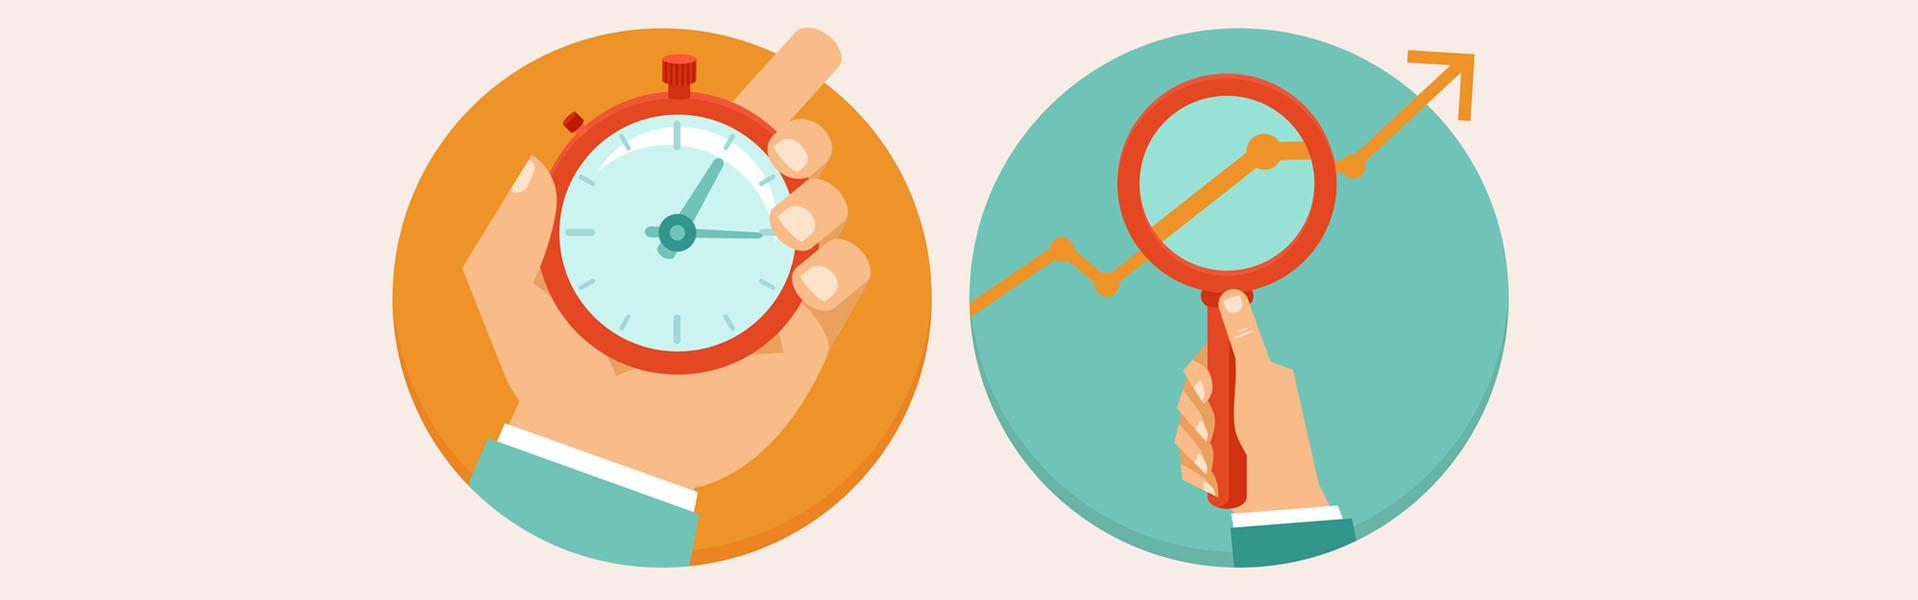 Mejora la gesti n de tu tiempo revista vive - Tiempo en paracuellos del jarama ...